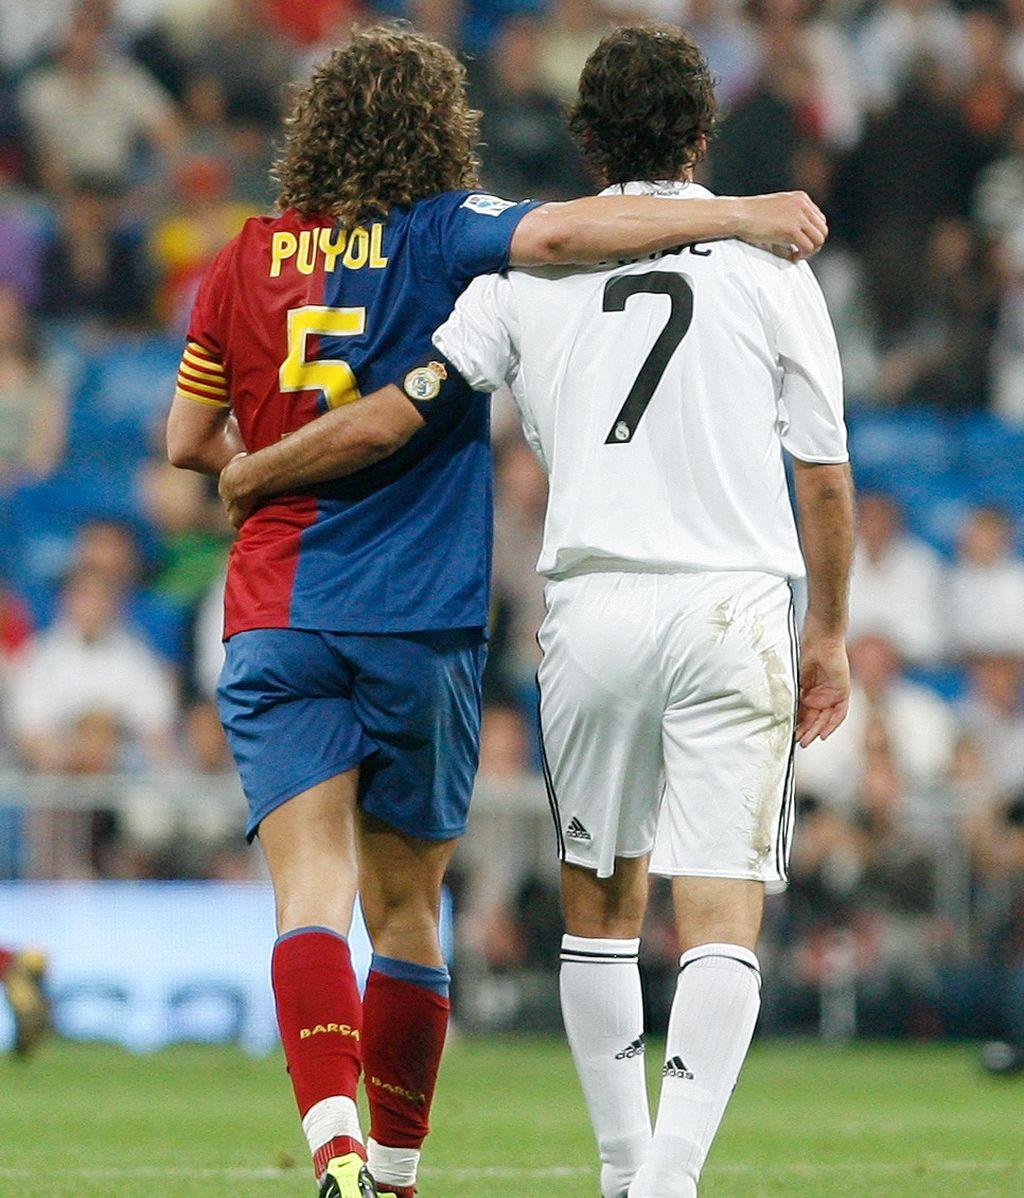 Pujol y Raúl en la Liga 2009